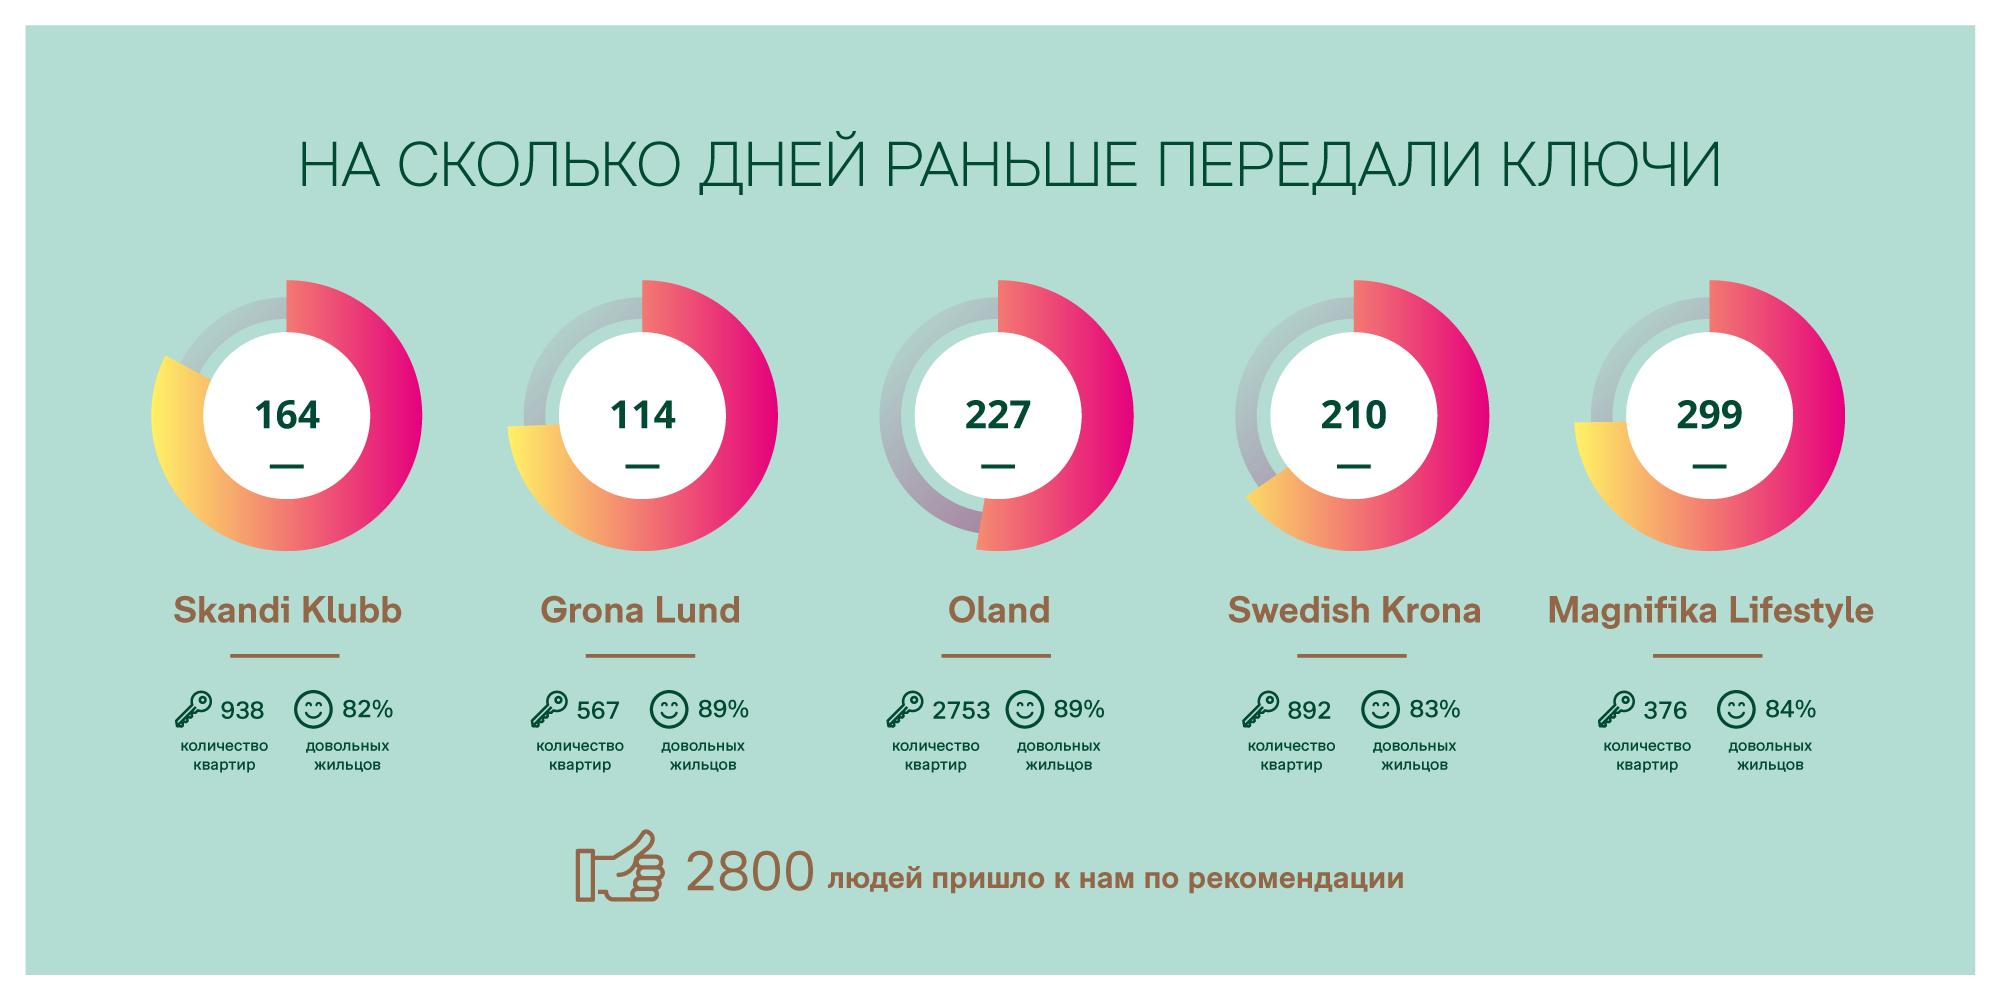 建設会社のためのインフォグラフィックBonava